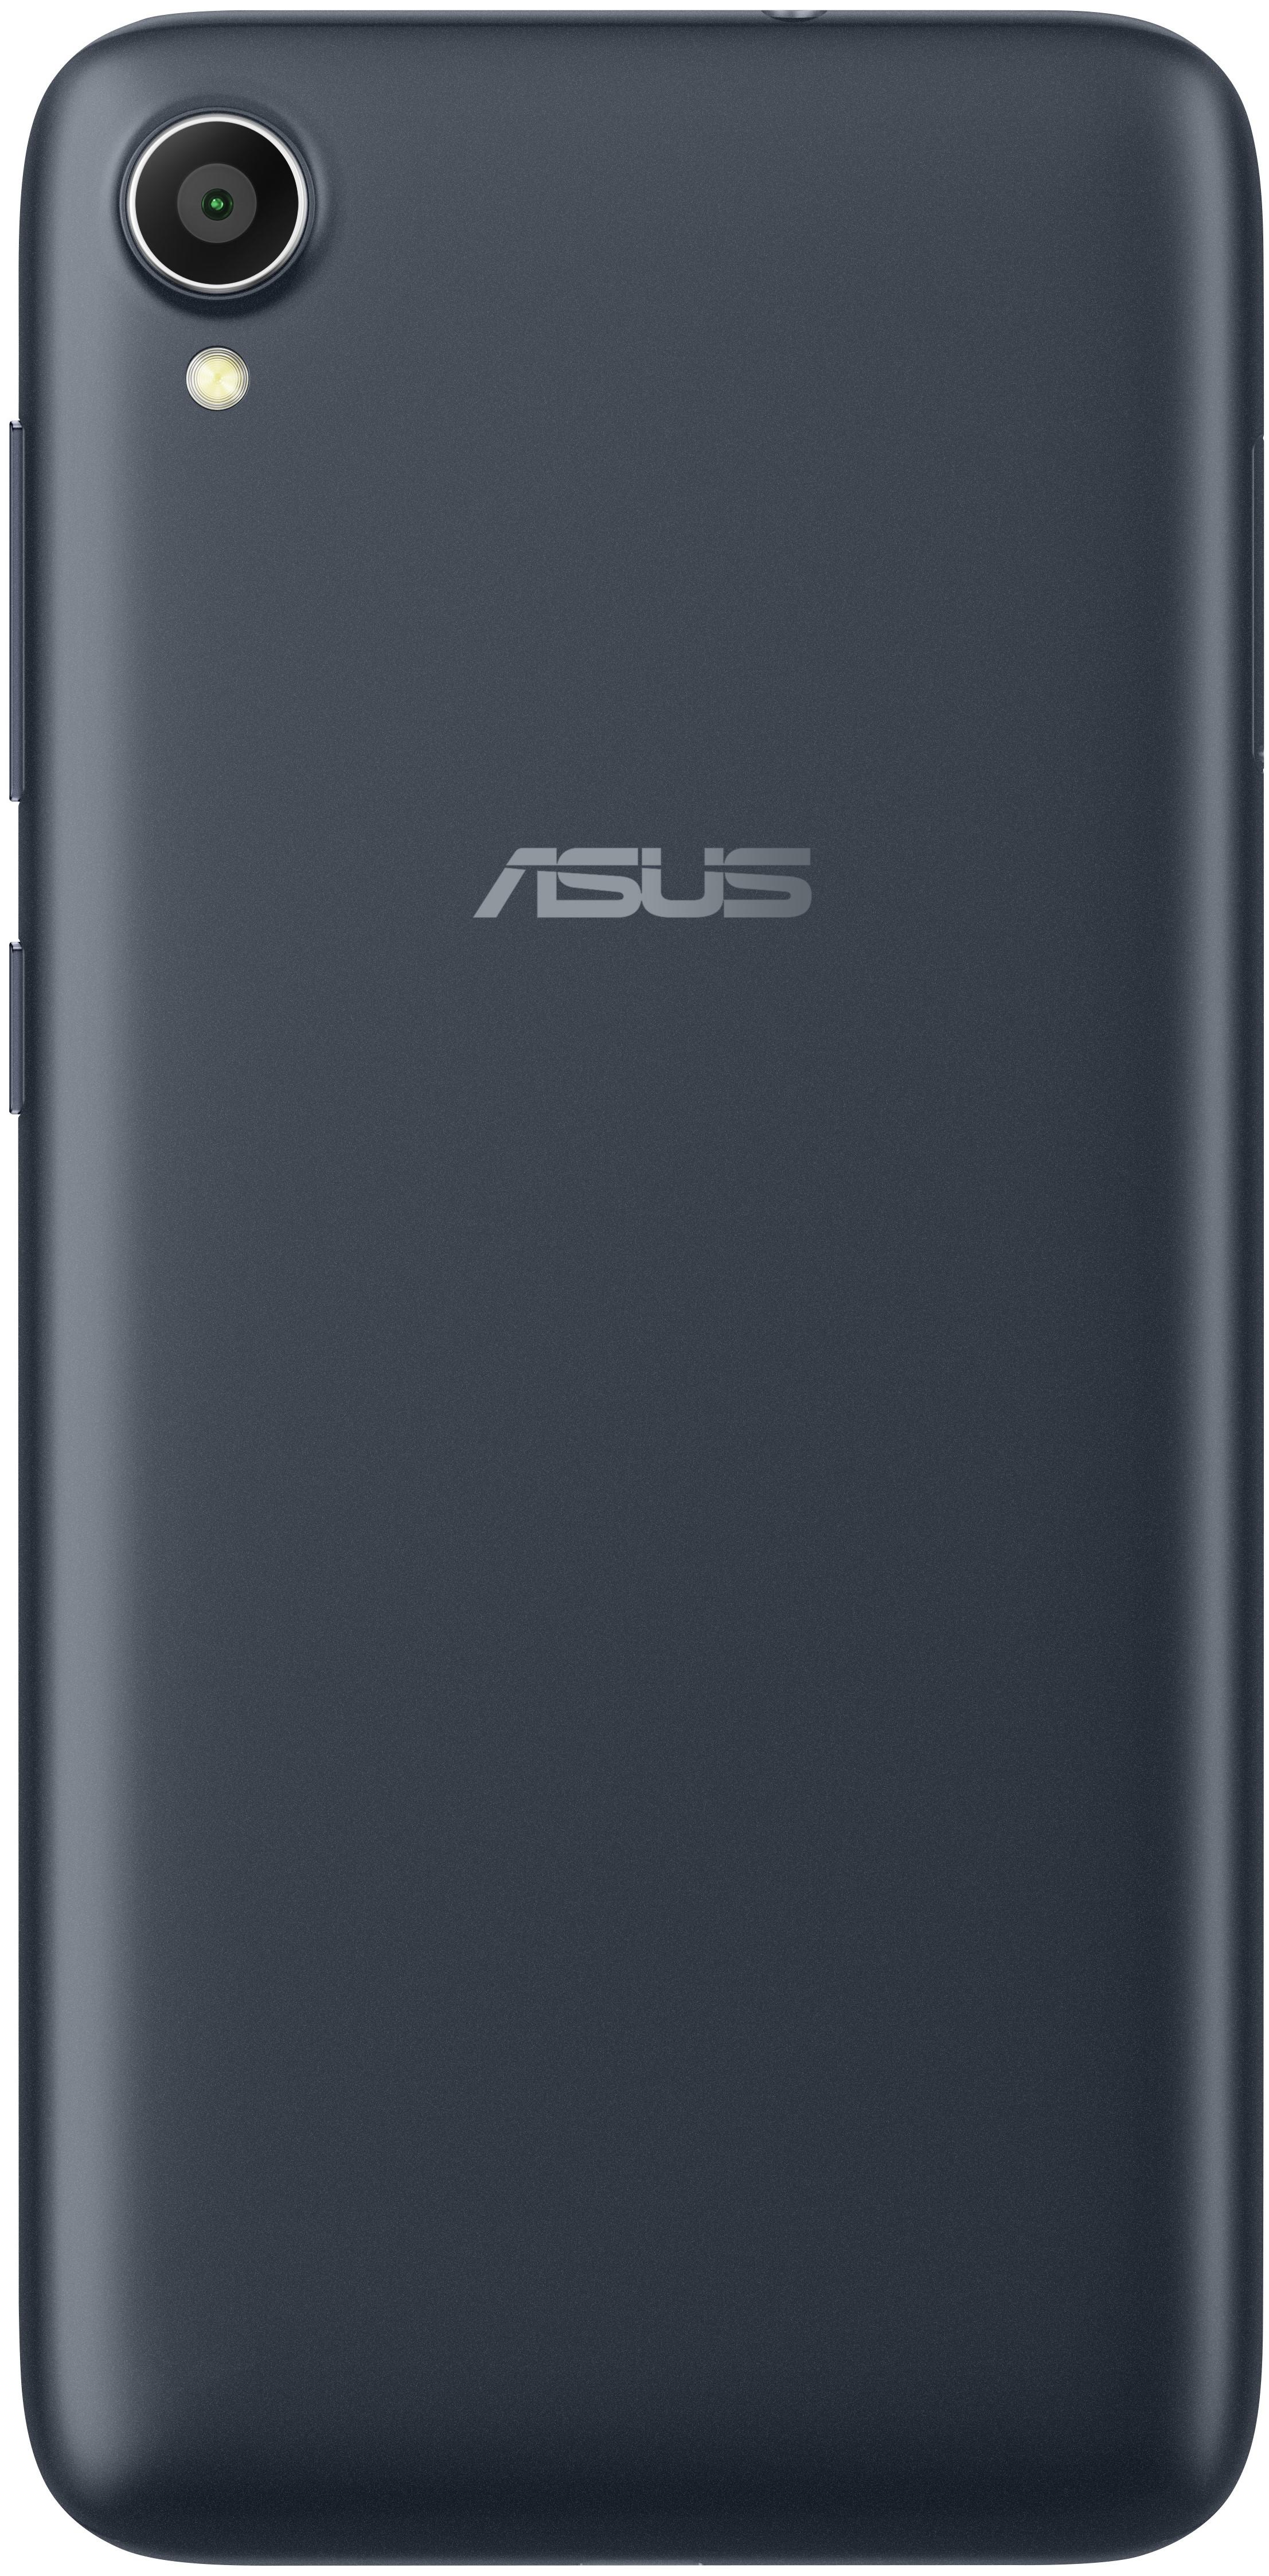 Chytrý telefon Asus Zenfone Live (L1)